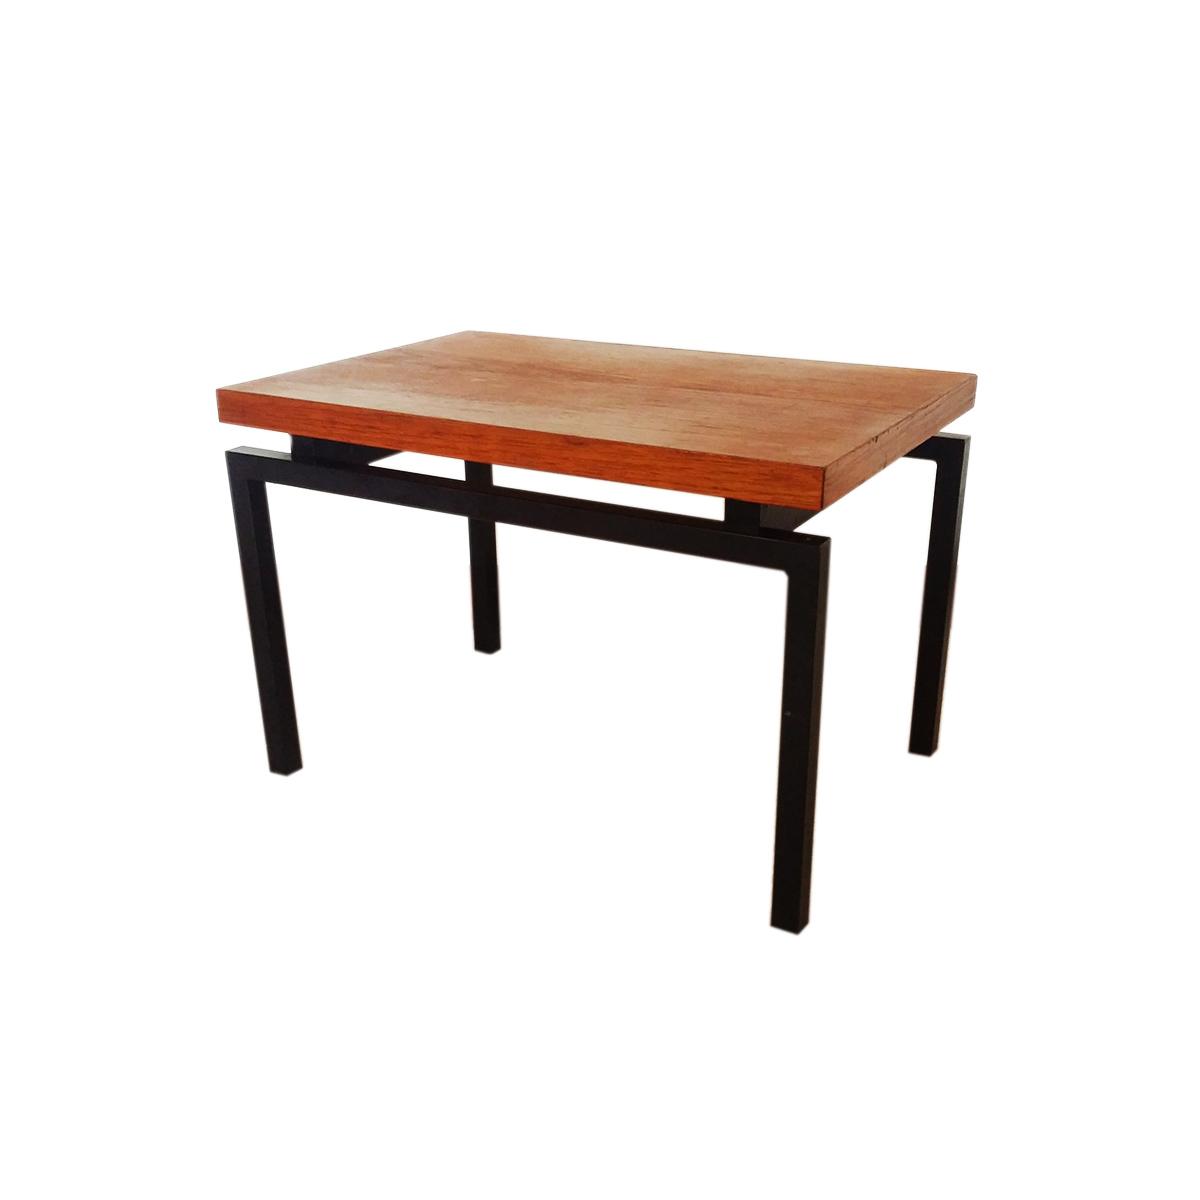 knol-teak-table